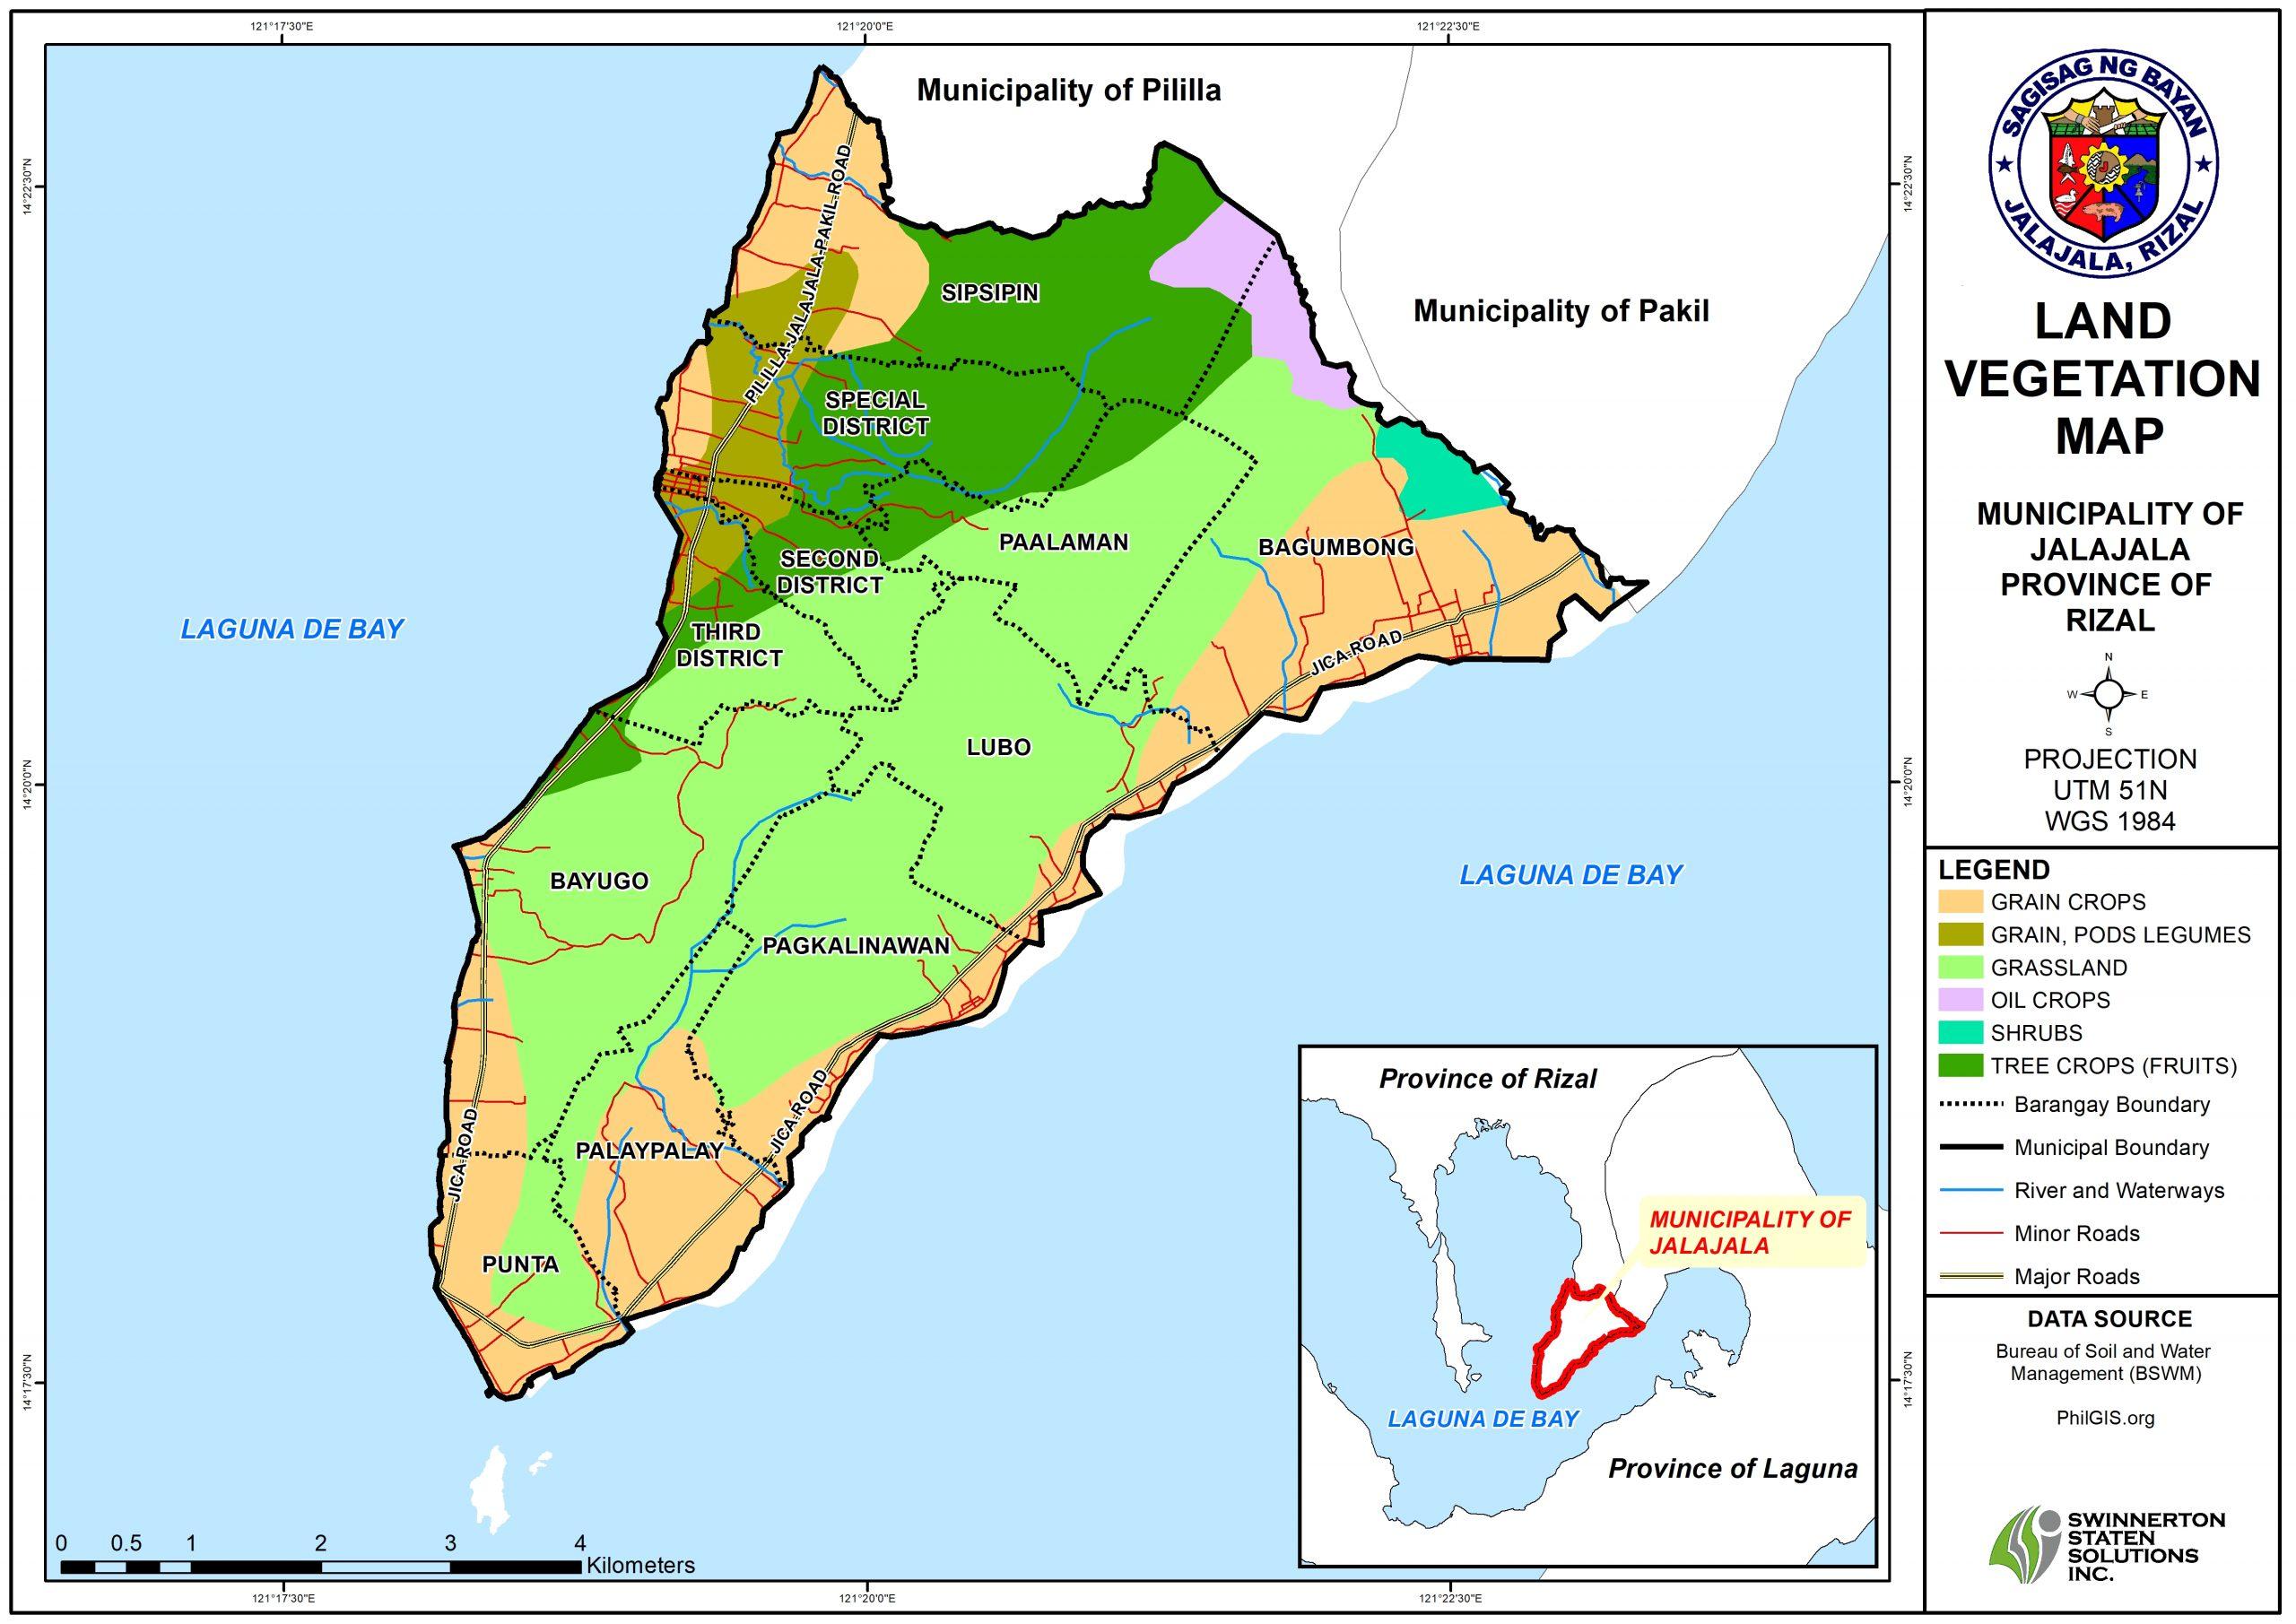 LAND VEGETATION MAP